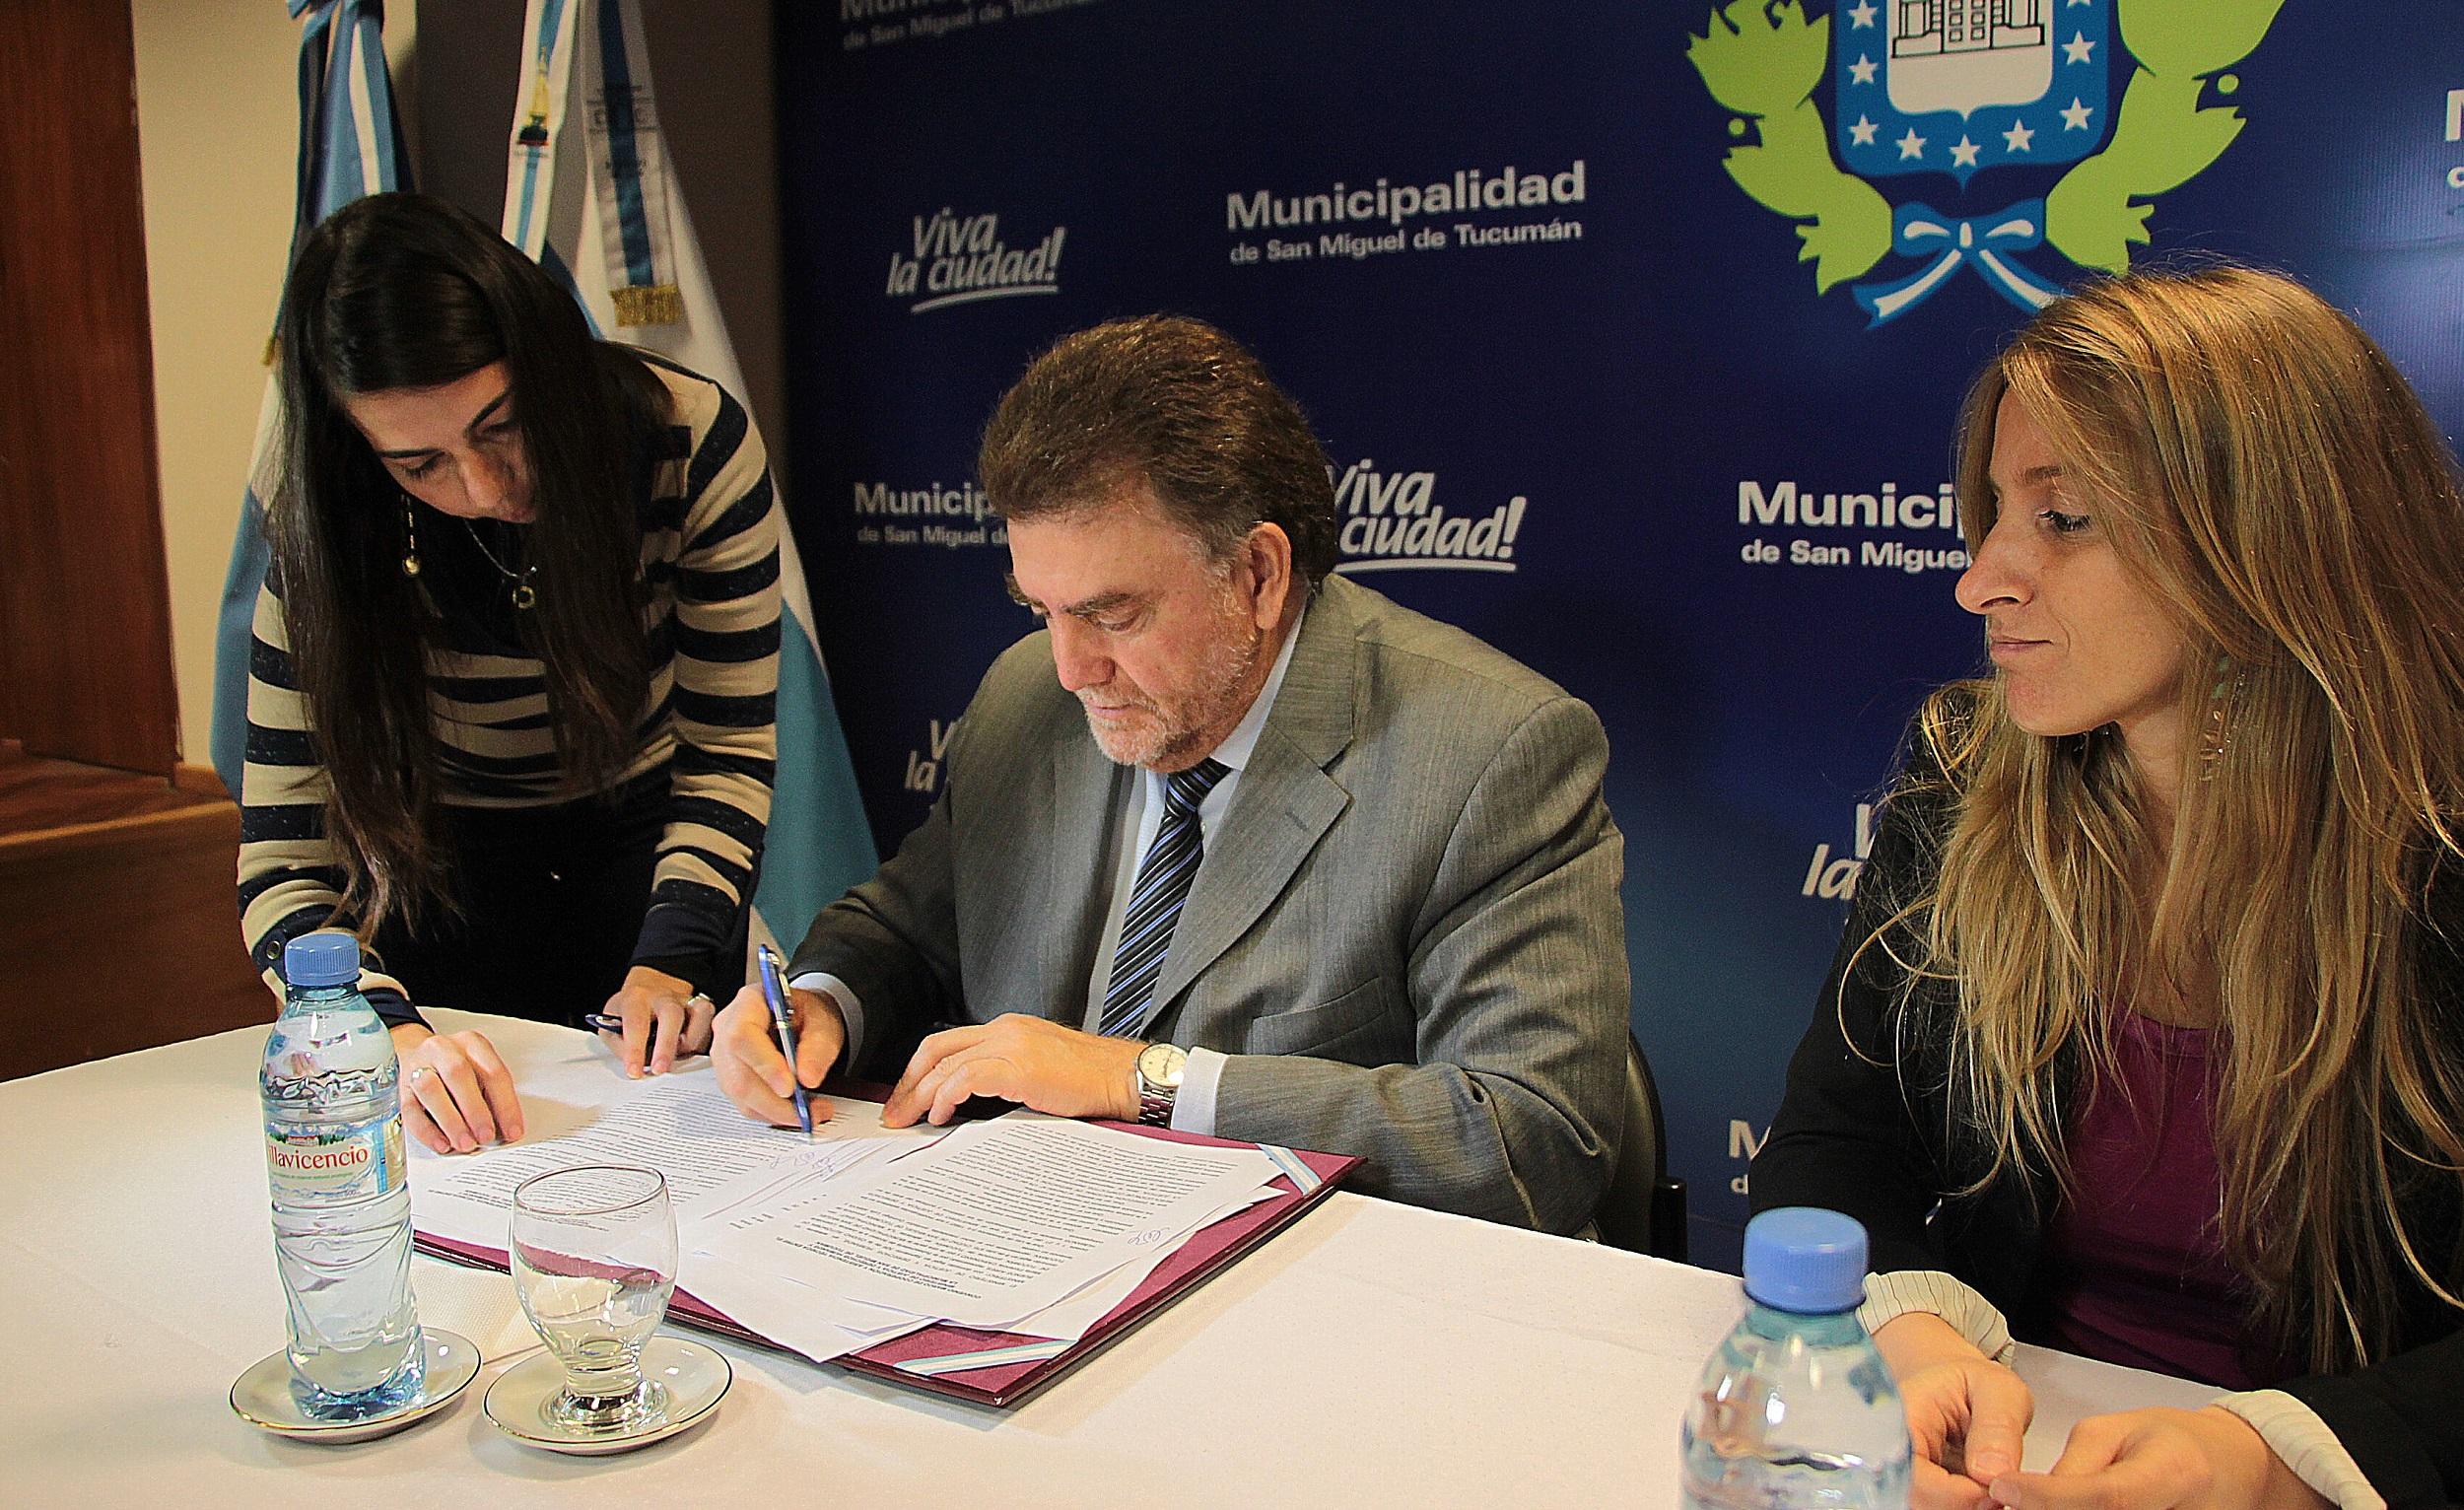 El Ministerio de Justicia pondrá en marcha Acercar en San Miguel de Tucumán